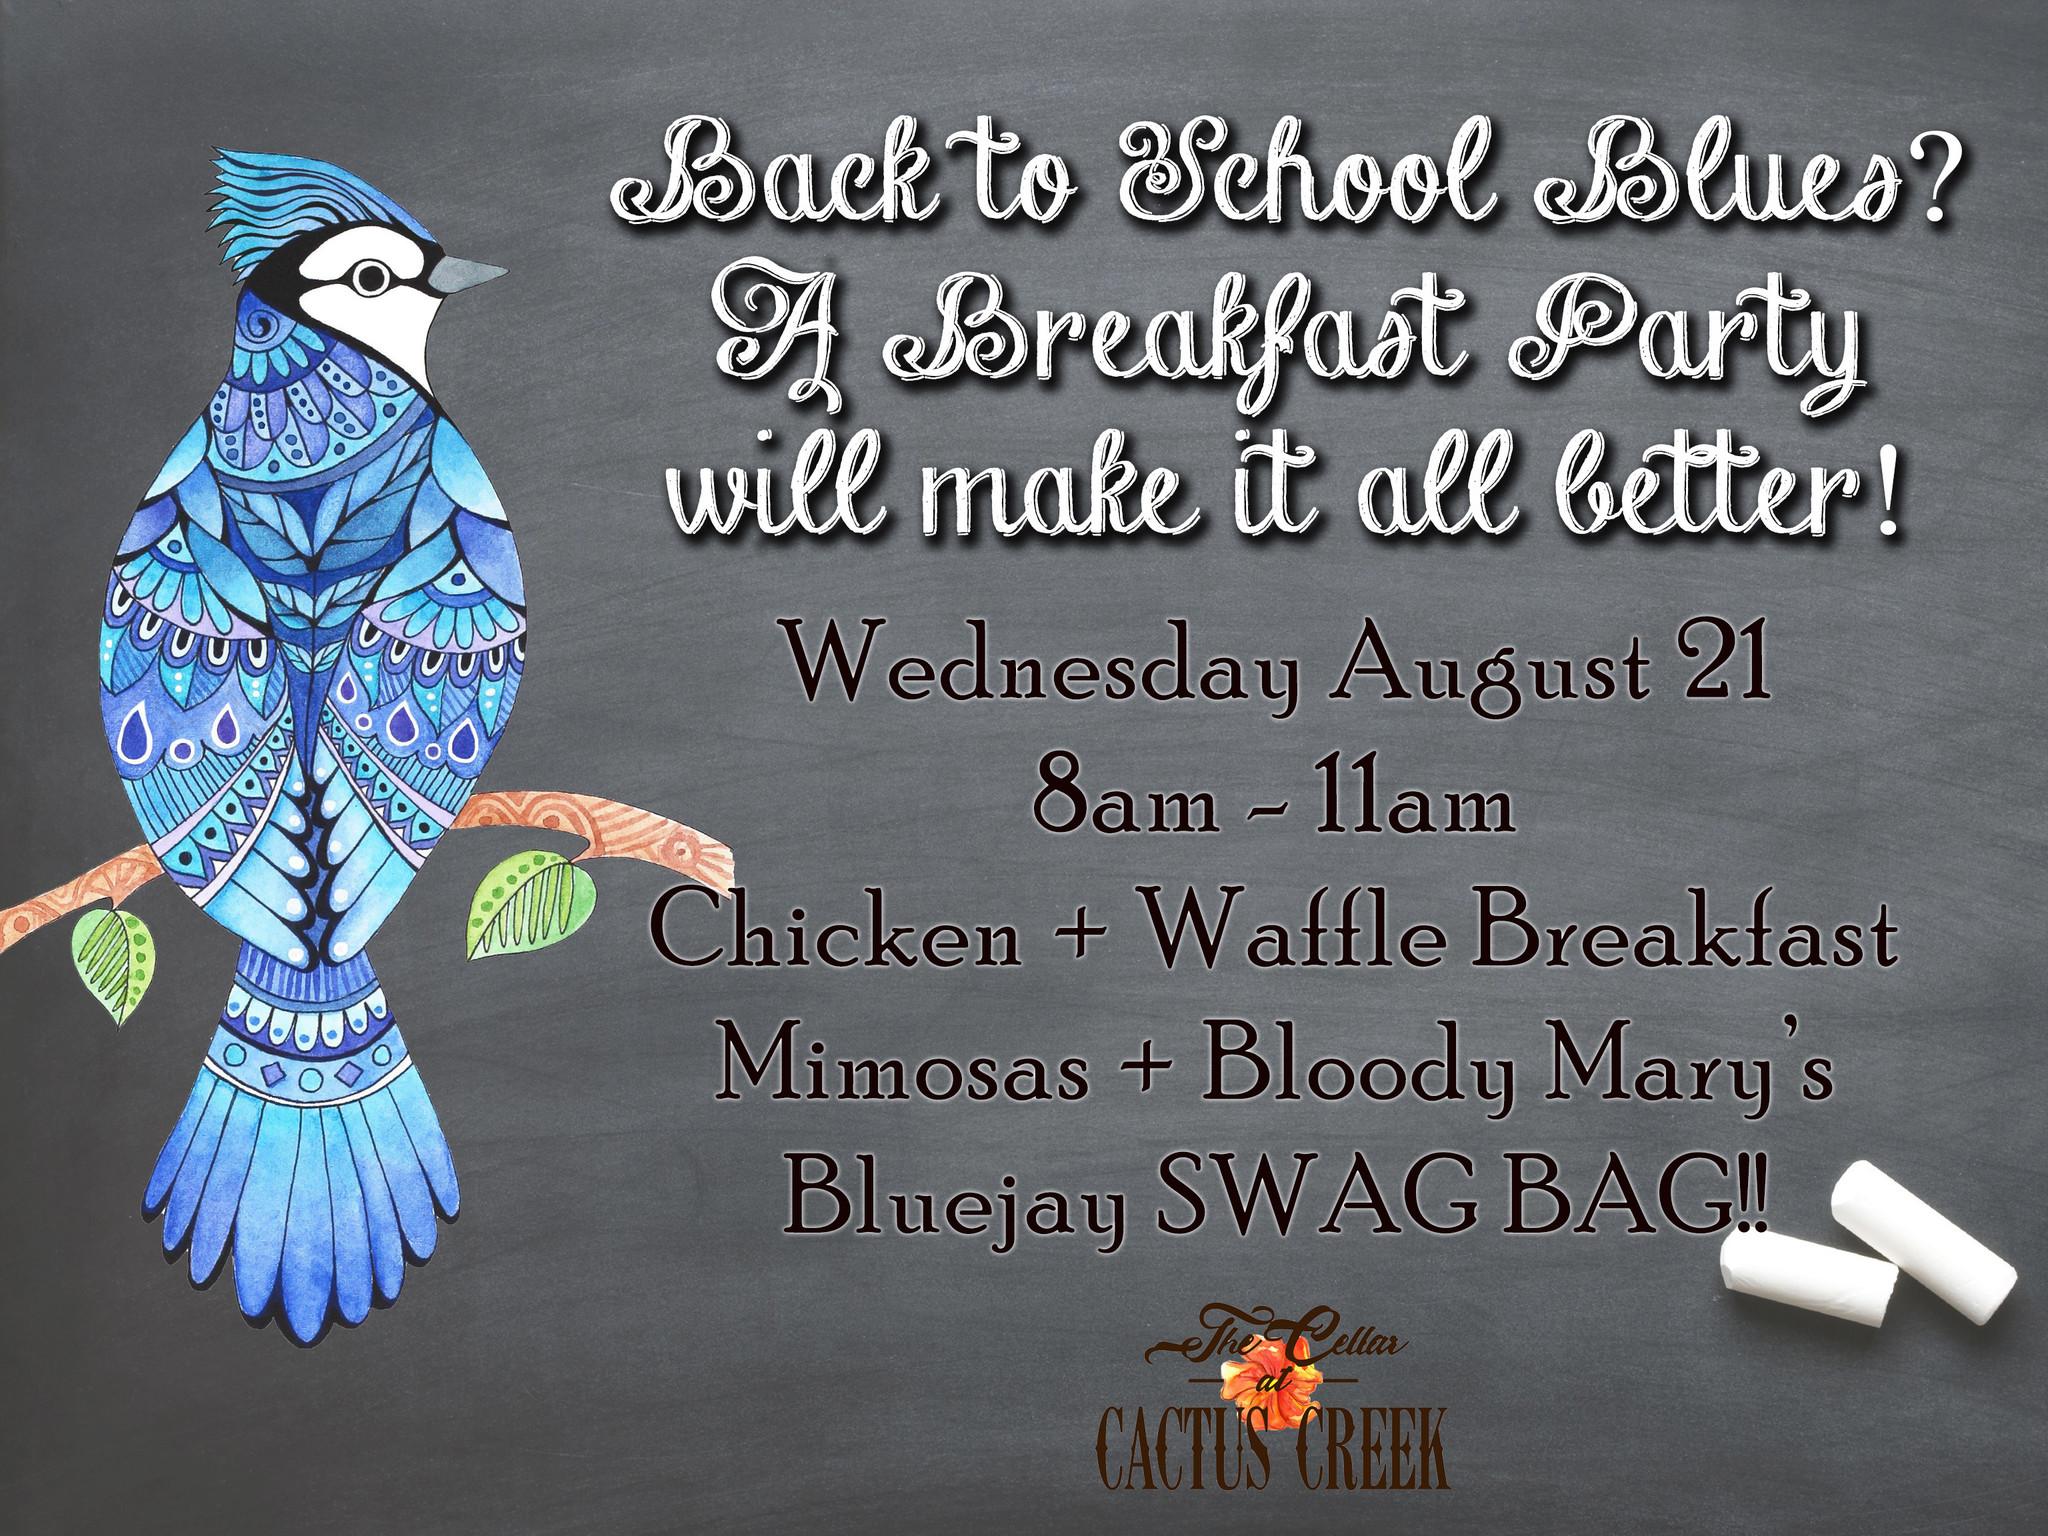 Back to School Blues Breakfast